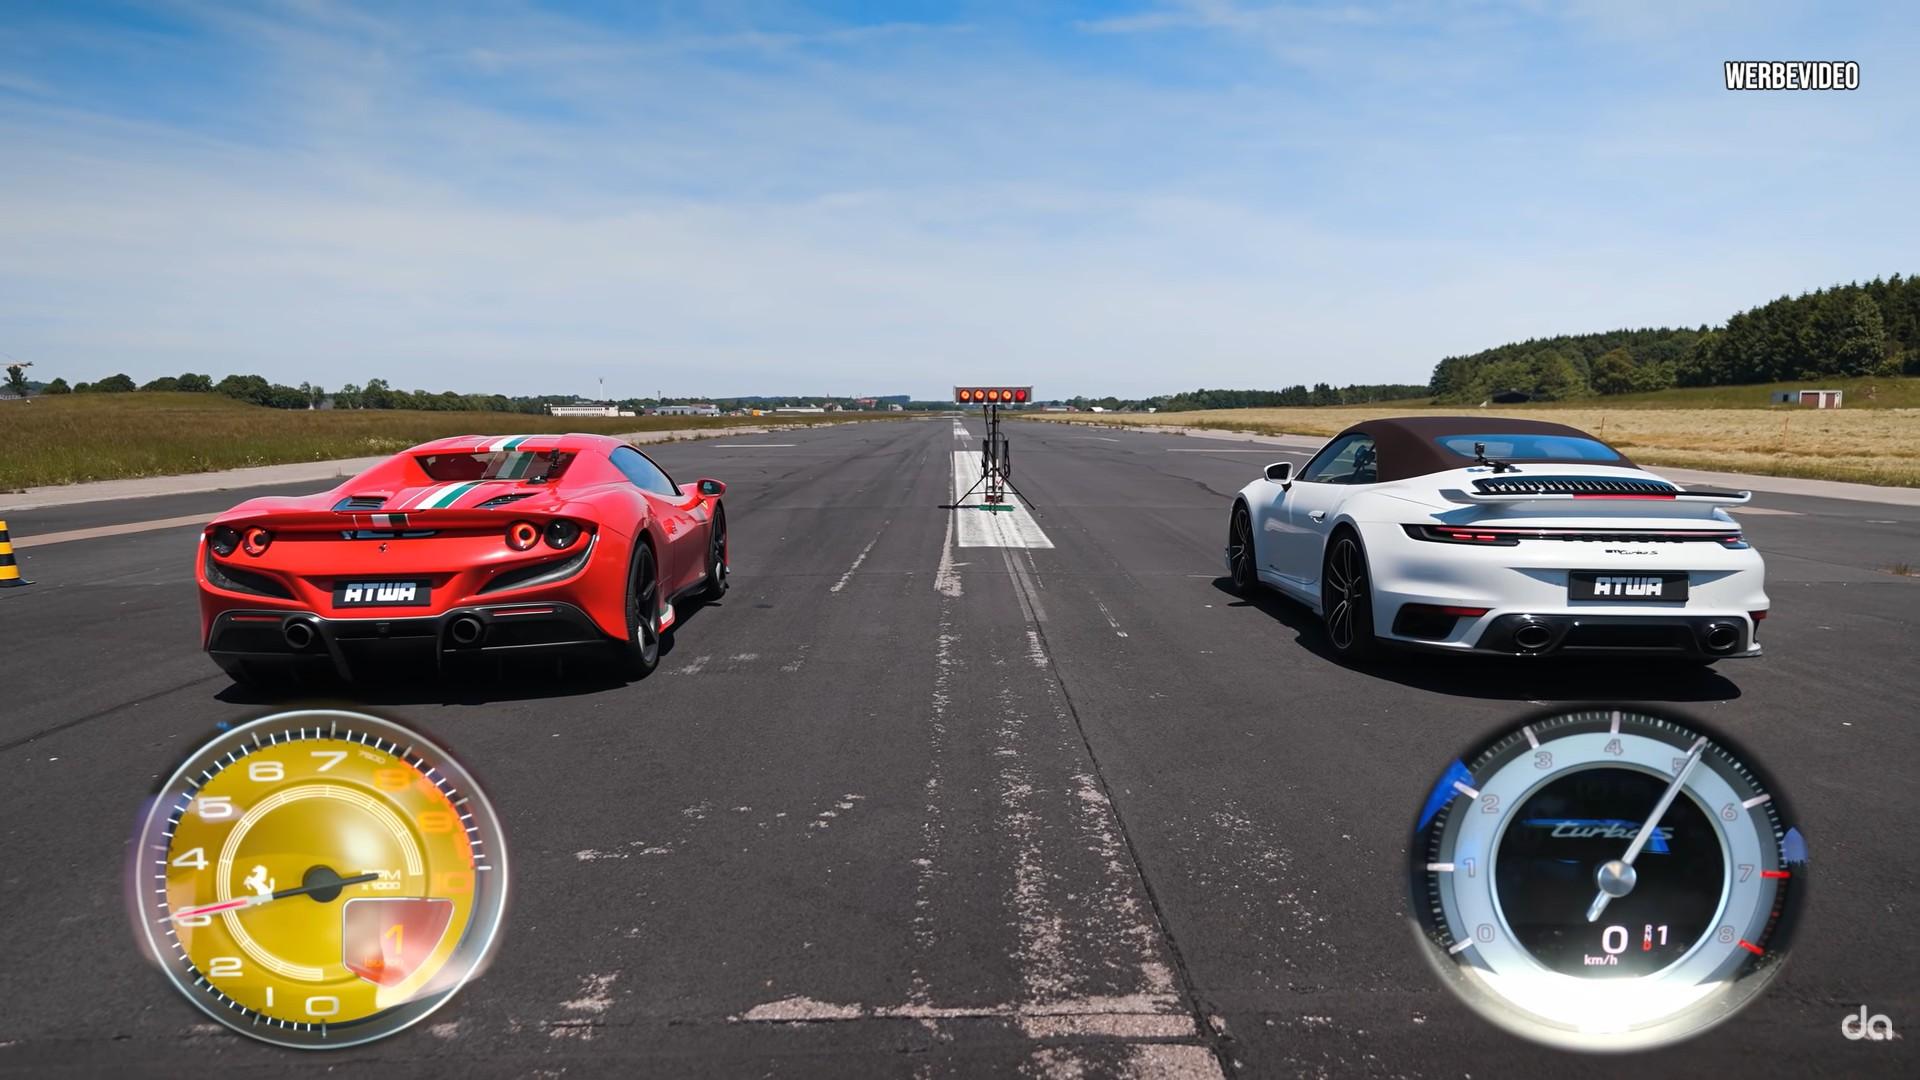 Porsche 911 Turbo S Drag Races Ferrari F8 Spider, Just 0.02s Delivers the Win